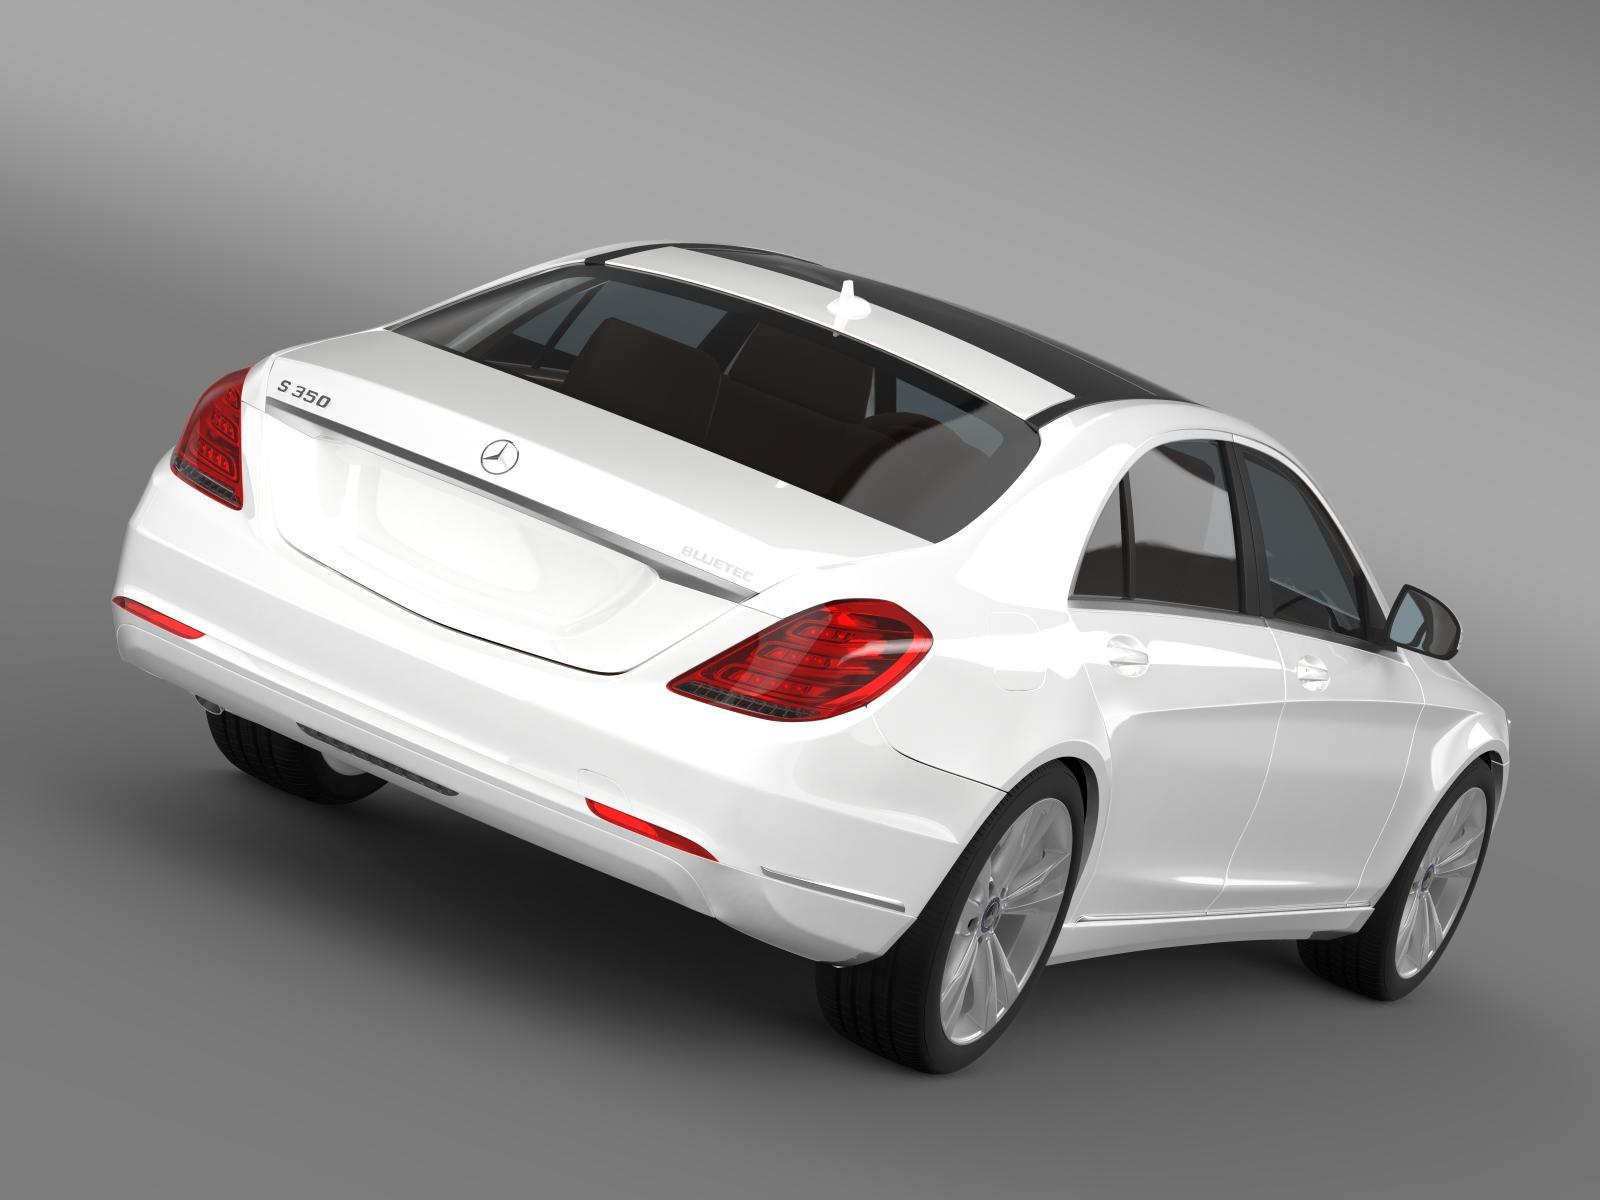 Mercedes benz s 350 bluetec w222 2013 3d model buy for Buy a mercedes benz